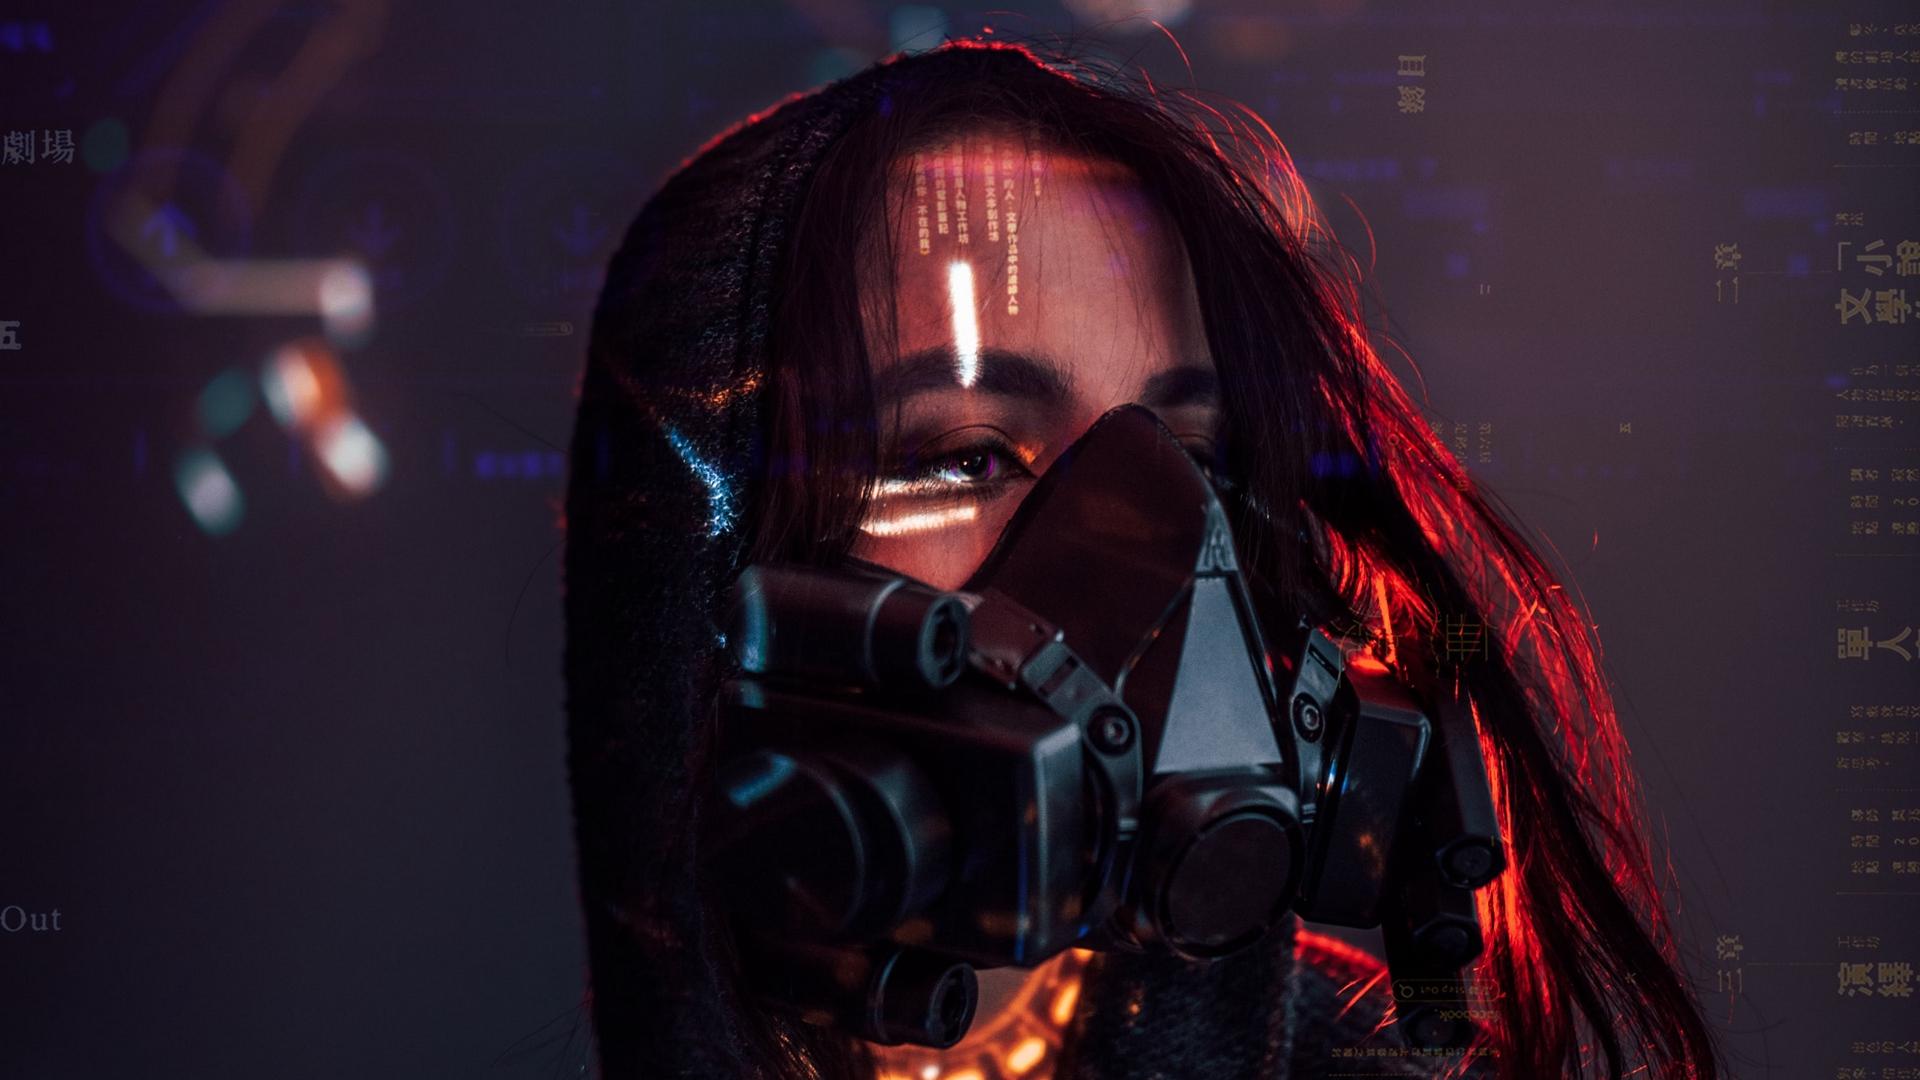 Cyberpunk Mask Wallpaper